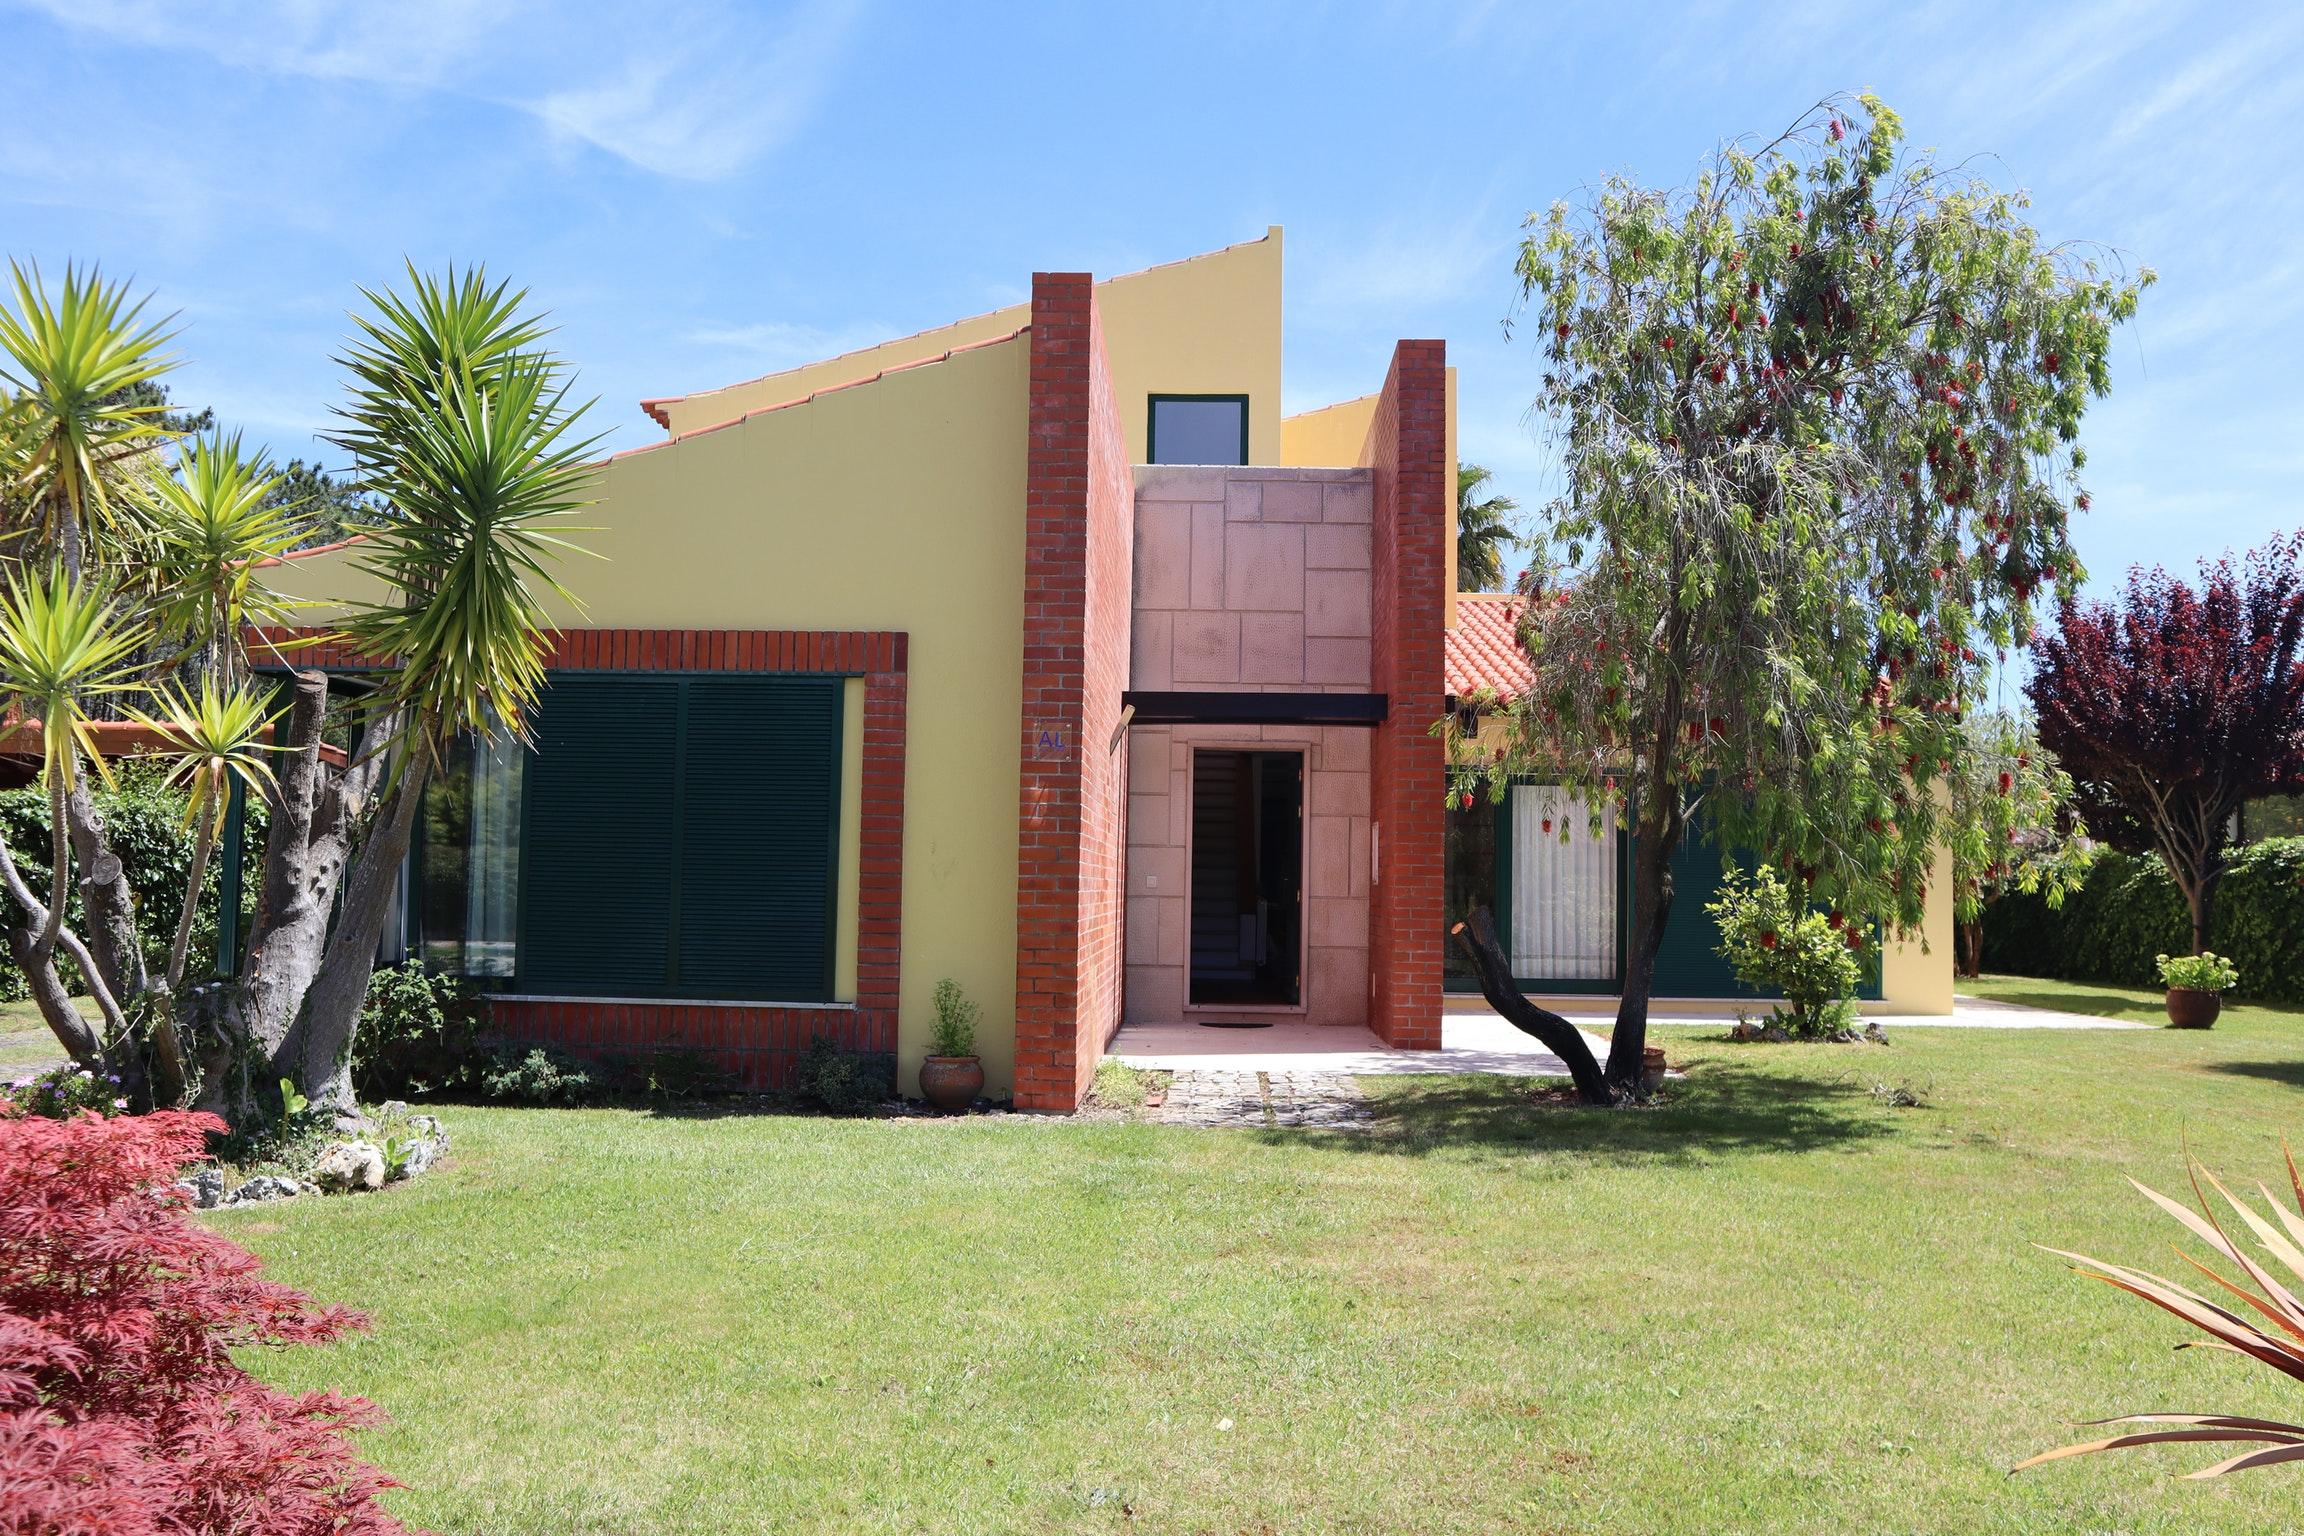 Ferienhaus Villa mit 4 Schlafzimmern in Praia de Mira mit privatem Pool, eingezäuntem Garten und W-LA (2623071), Praia de Mira, Costa de Prata, Zentral-Portugal, Portugal, Bild 7